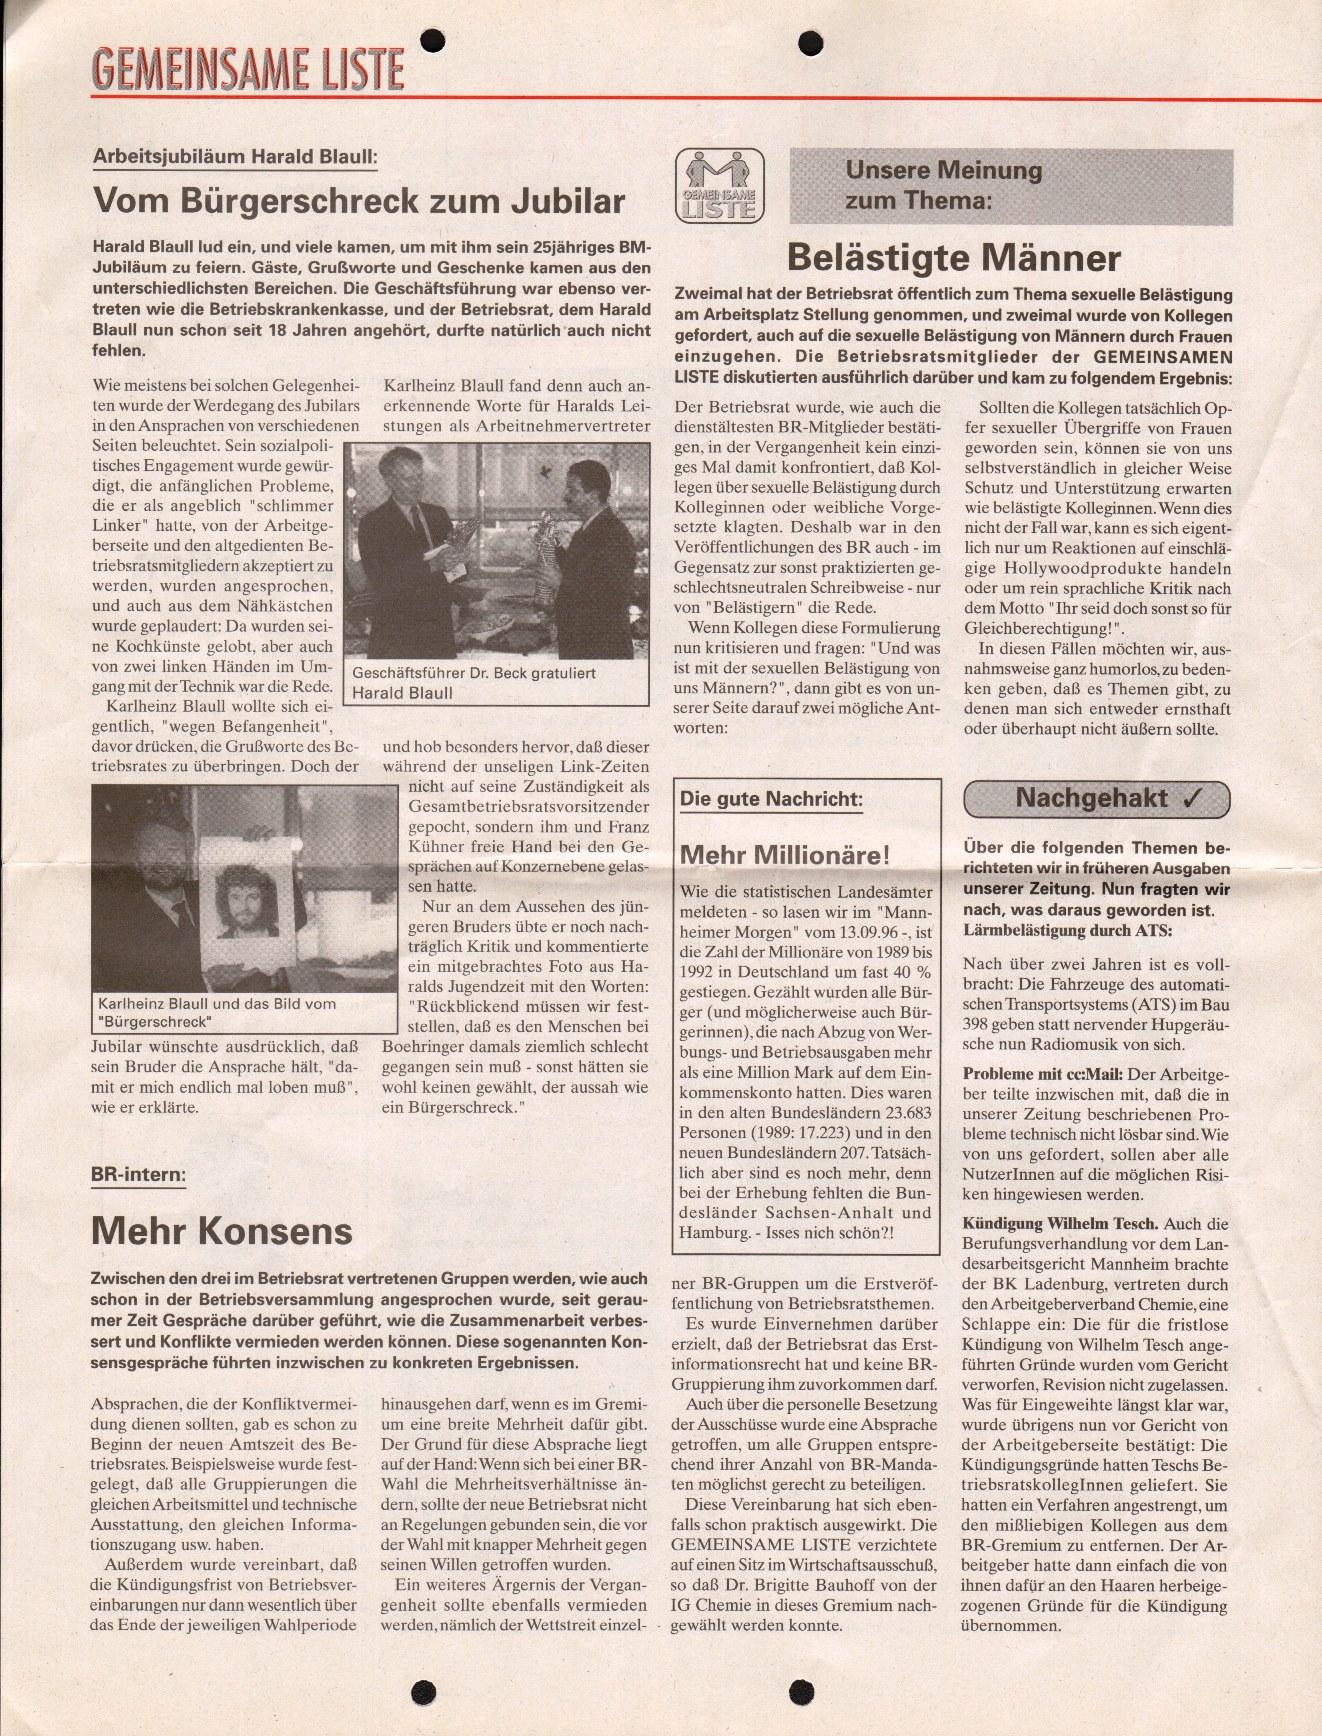 Mannheim_Boehringer_Gemeinsame_Liste_1996_02_02